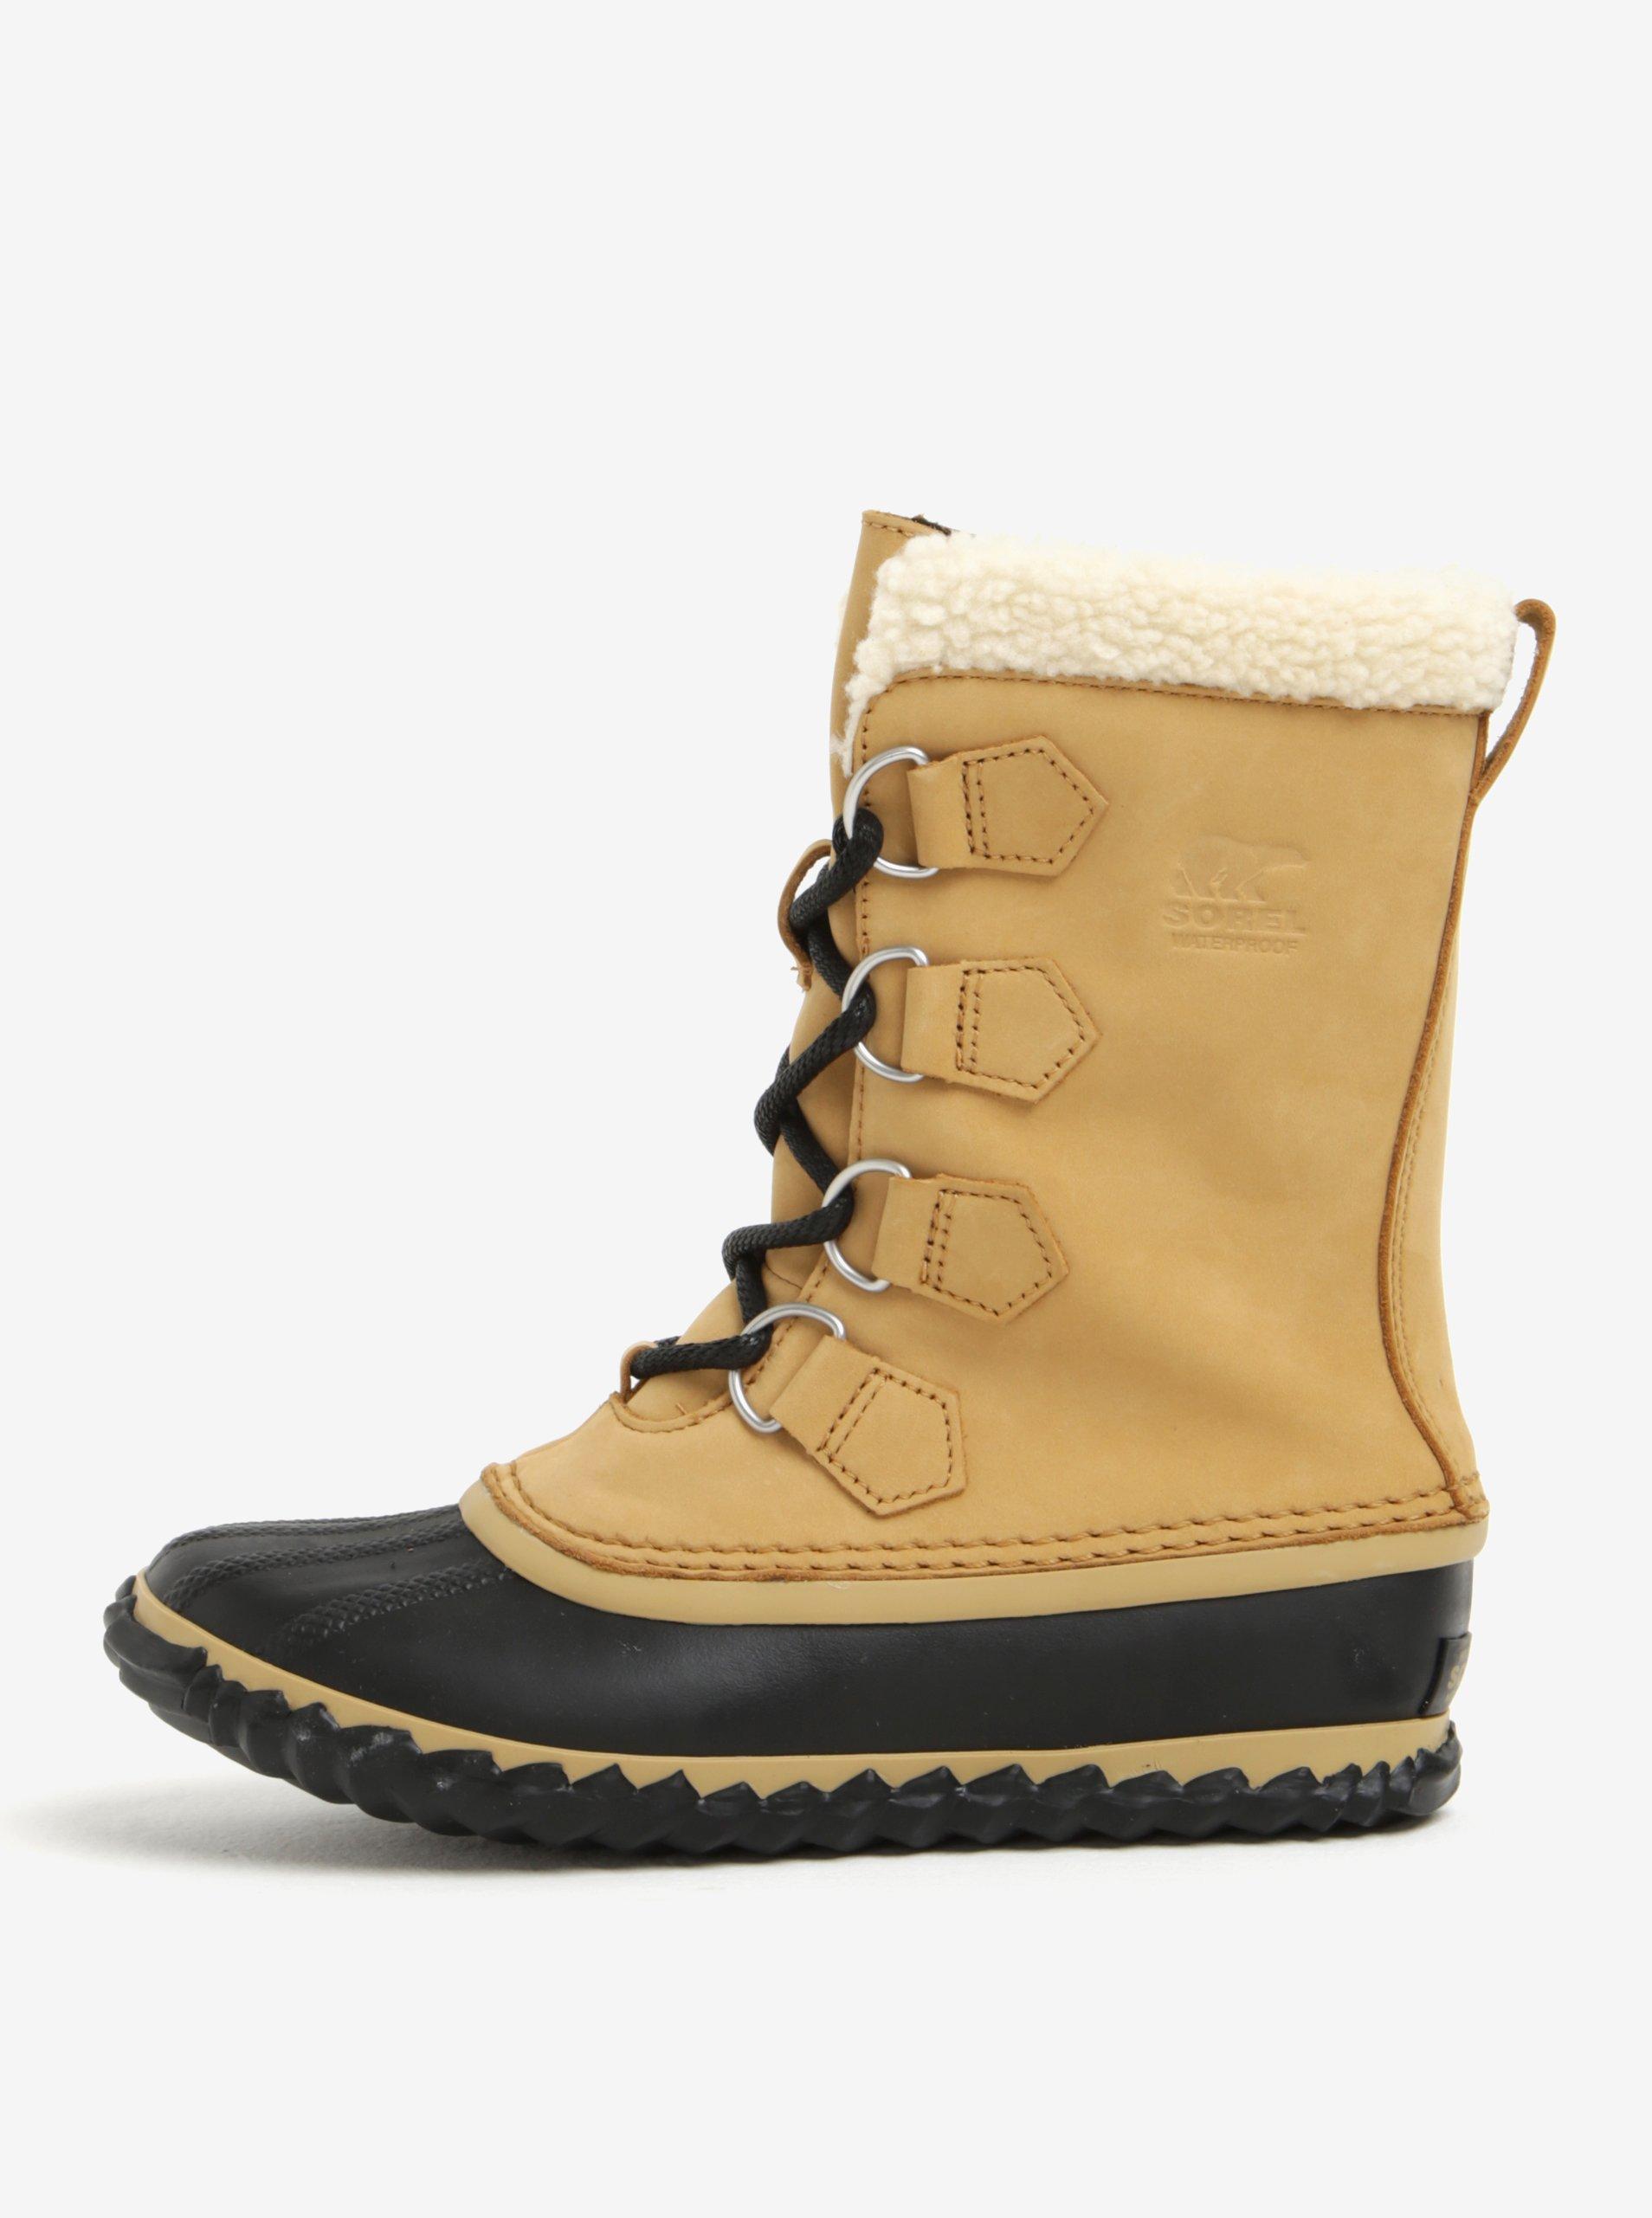 87b9da3a5e Béžové dámske kožené vodovzdorné zimné topánky s umelým kožúškom SOREL